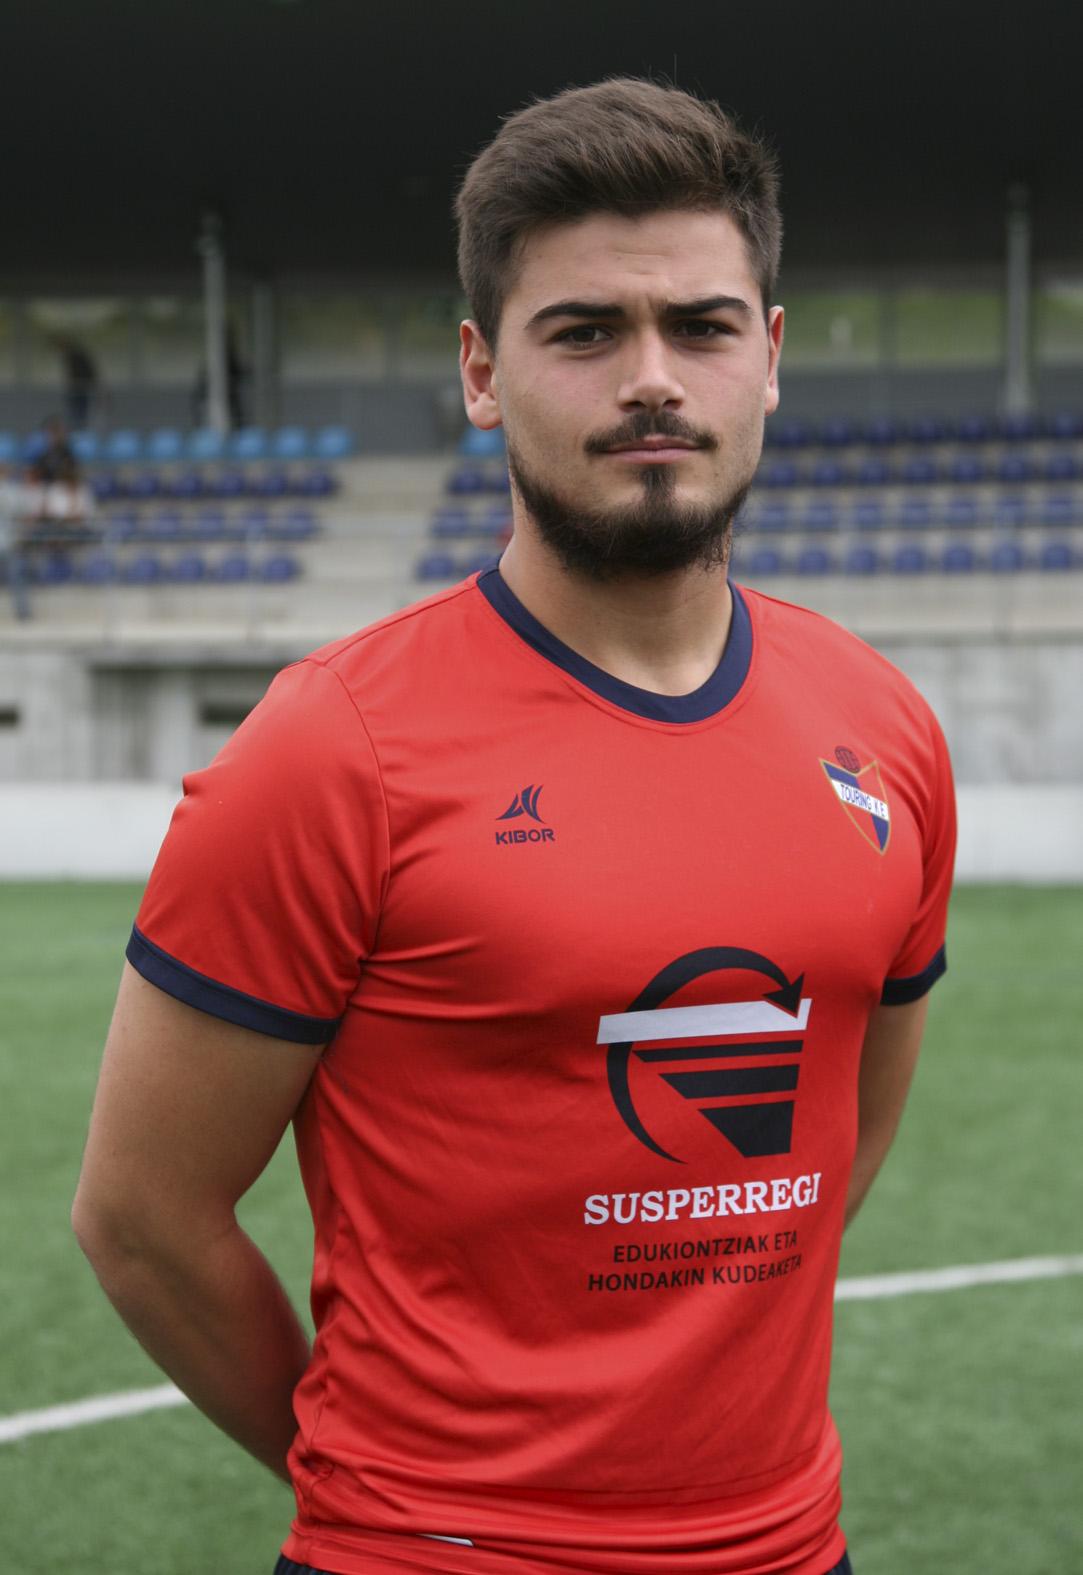 Iñigo Cayetano